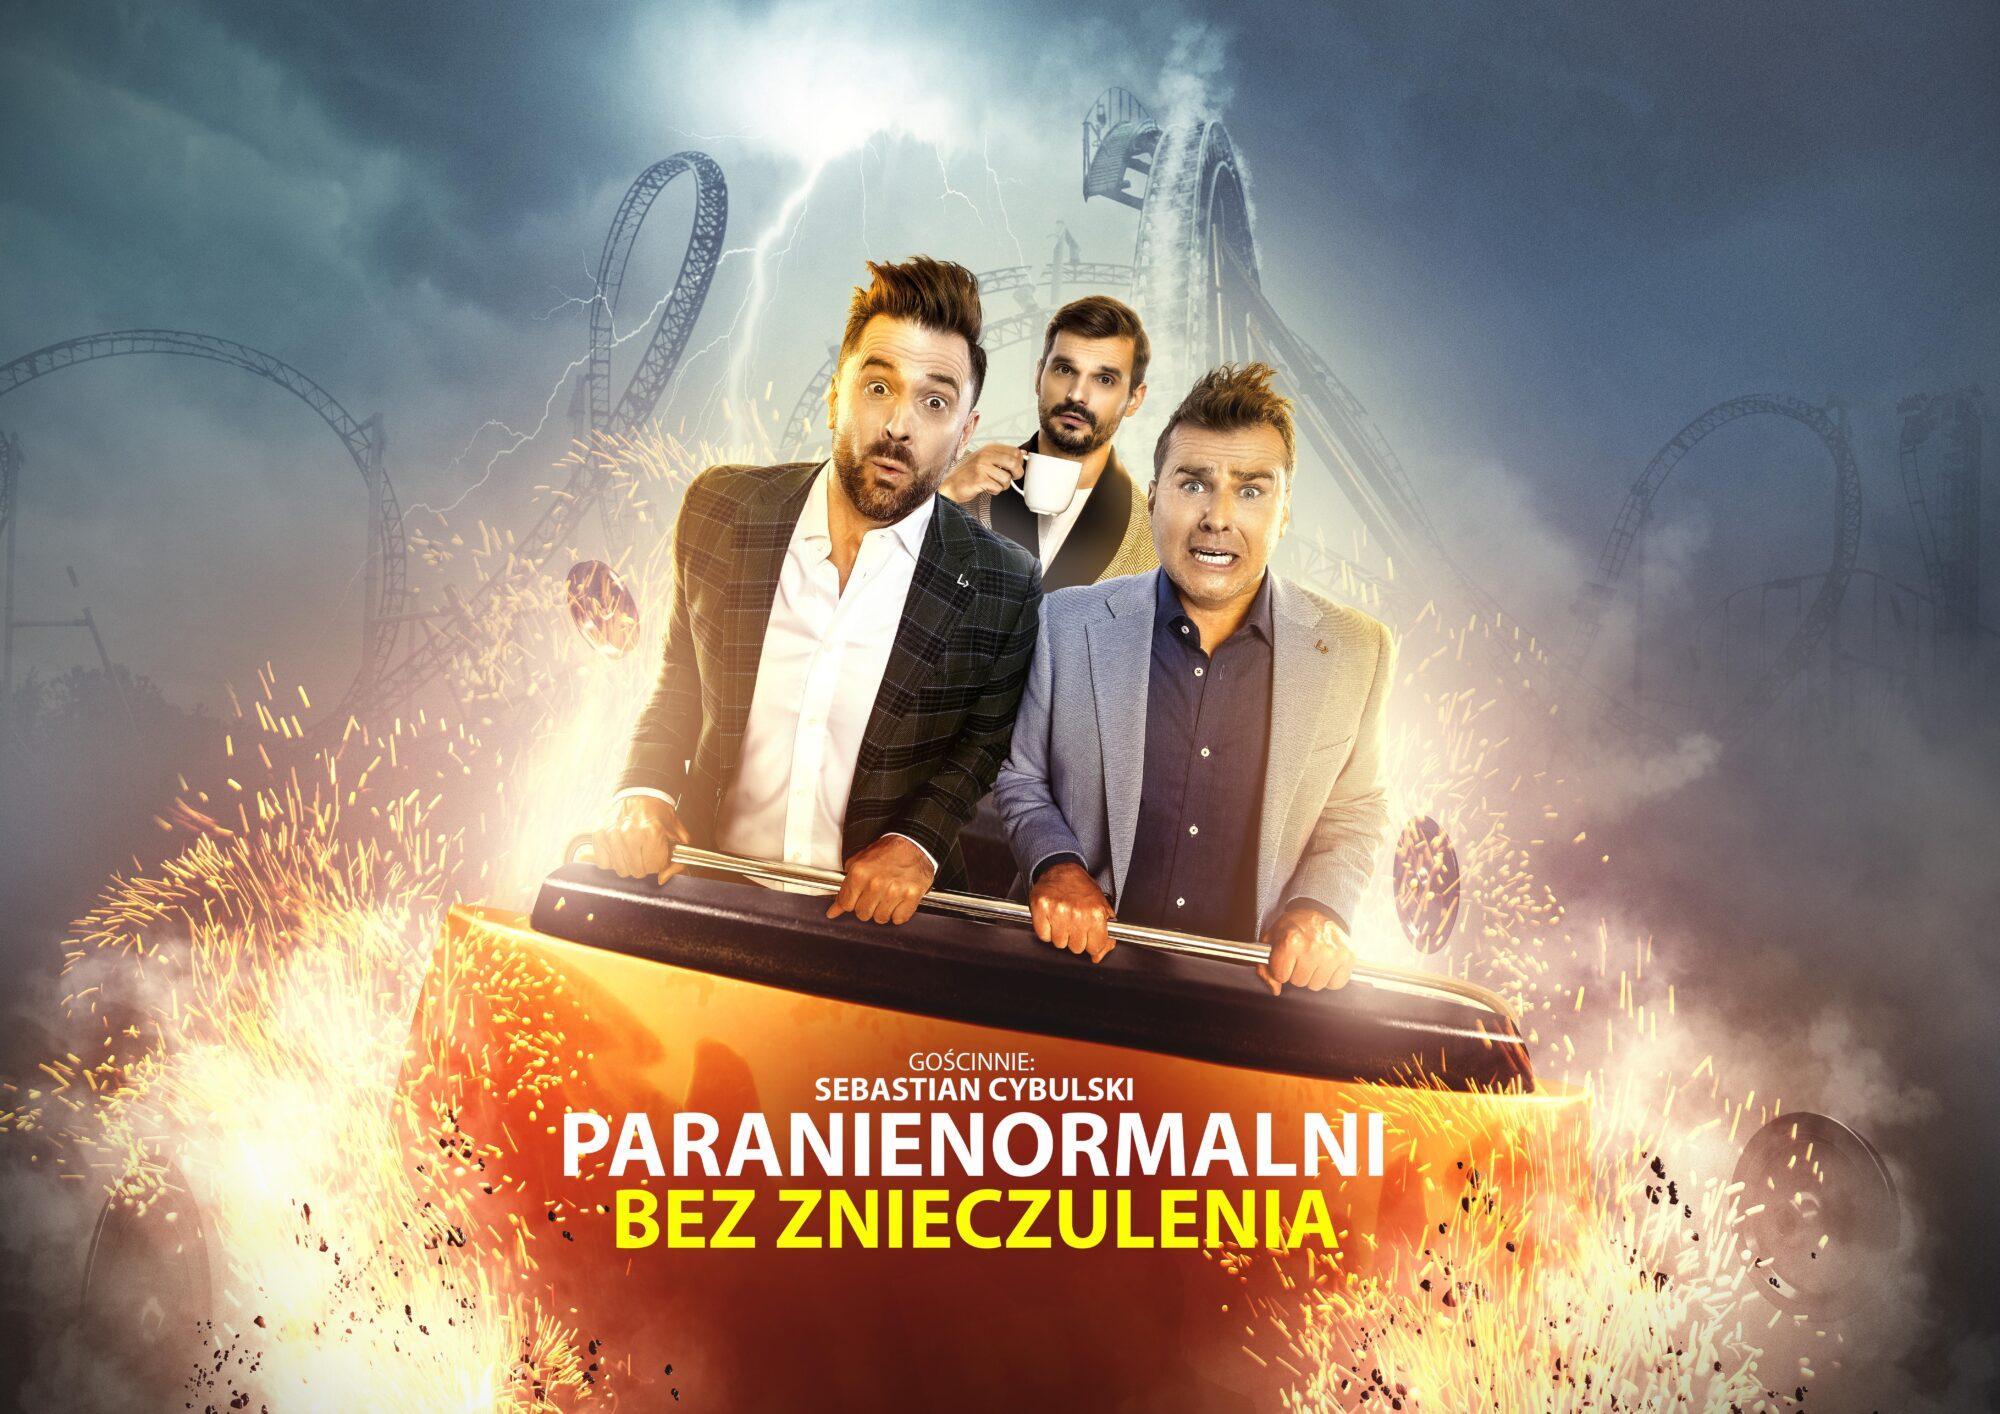 W wagoniku rollercoastera stoją trzej mężczyźni. Dwaj mają przerażone miny, trzeci pije kawę z filiżanki